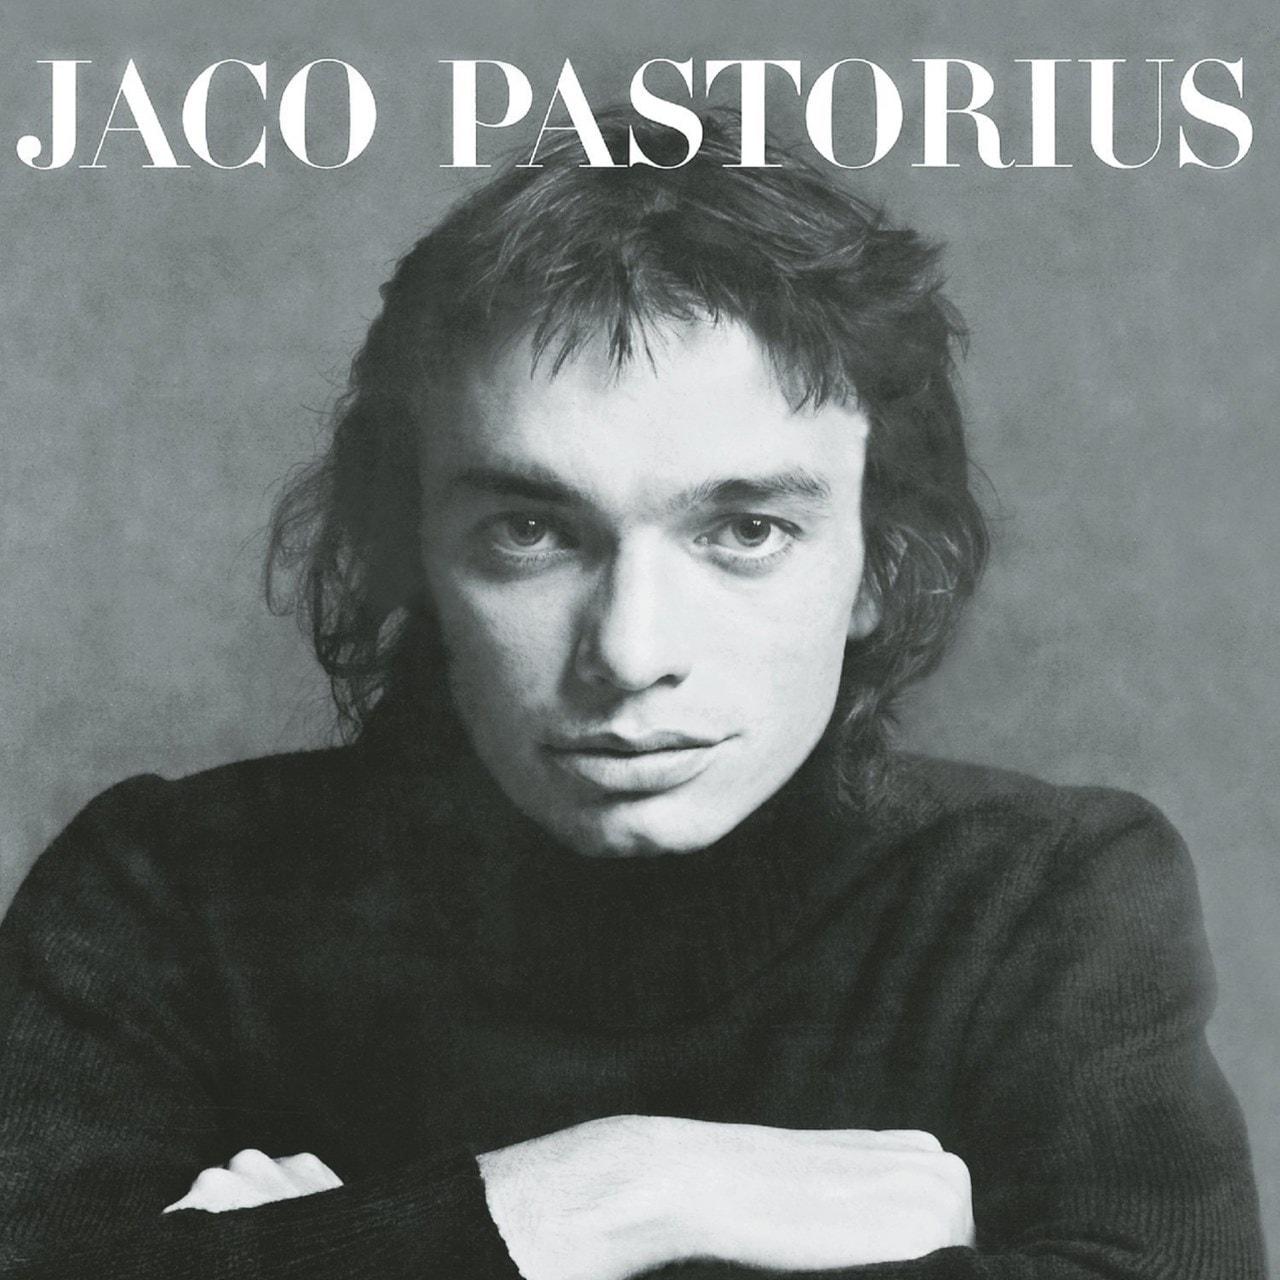 Jaco Pastorius - 1